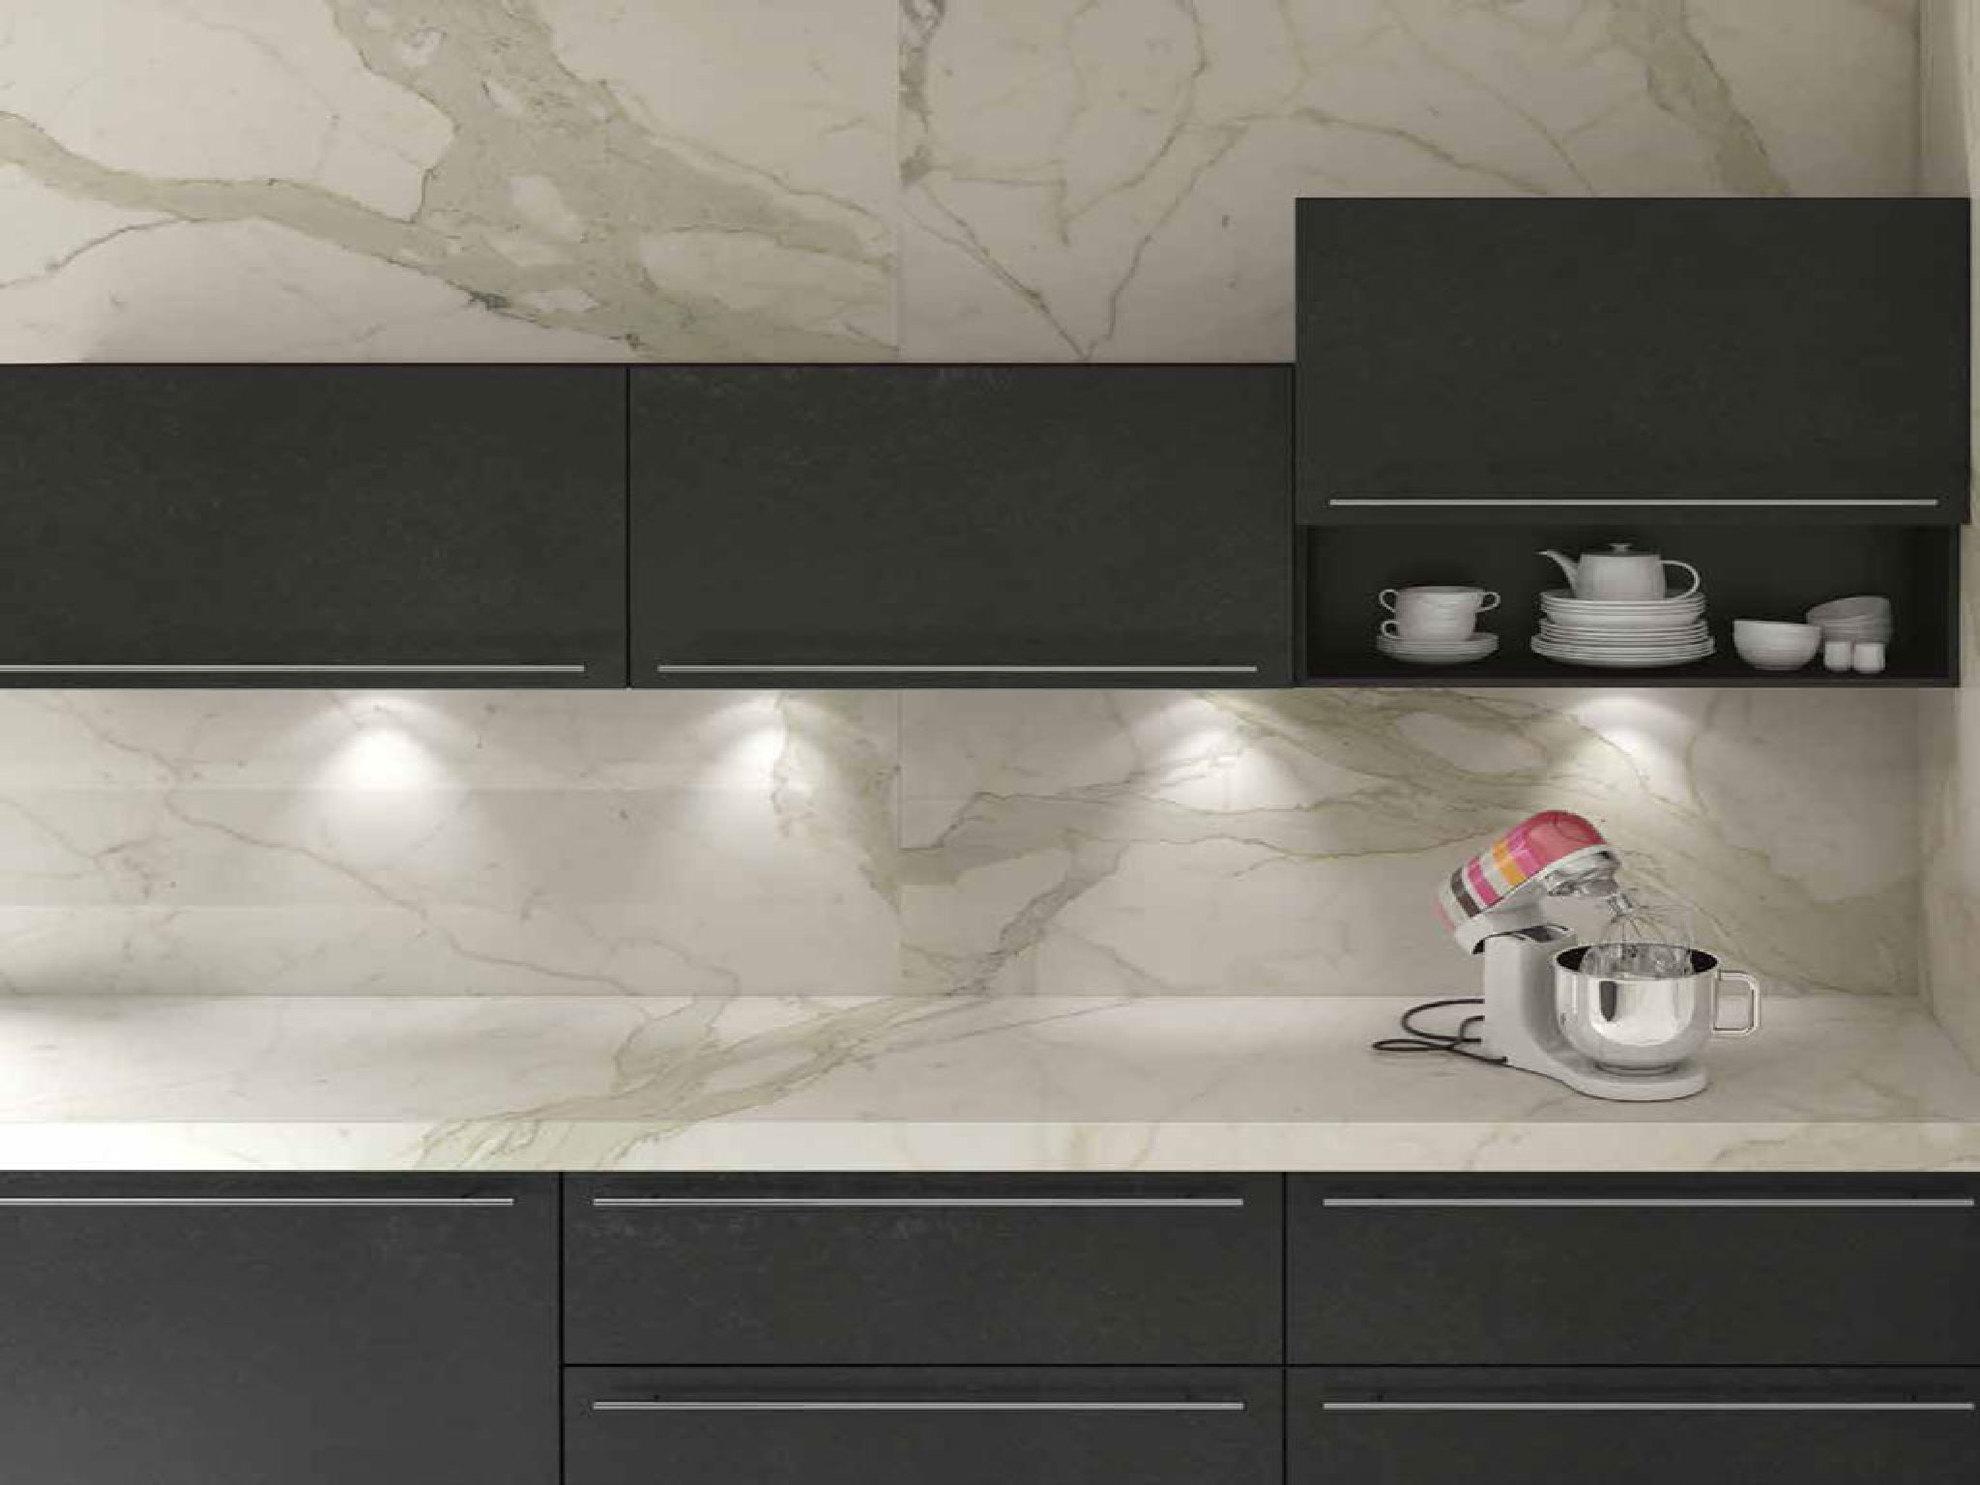 Piastrelle cucina effetto marmo piastrellare la cucina con il gres porcellanato casa - Cucina con piastrelle ...